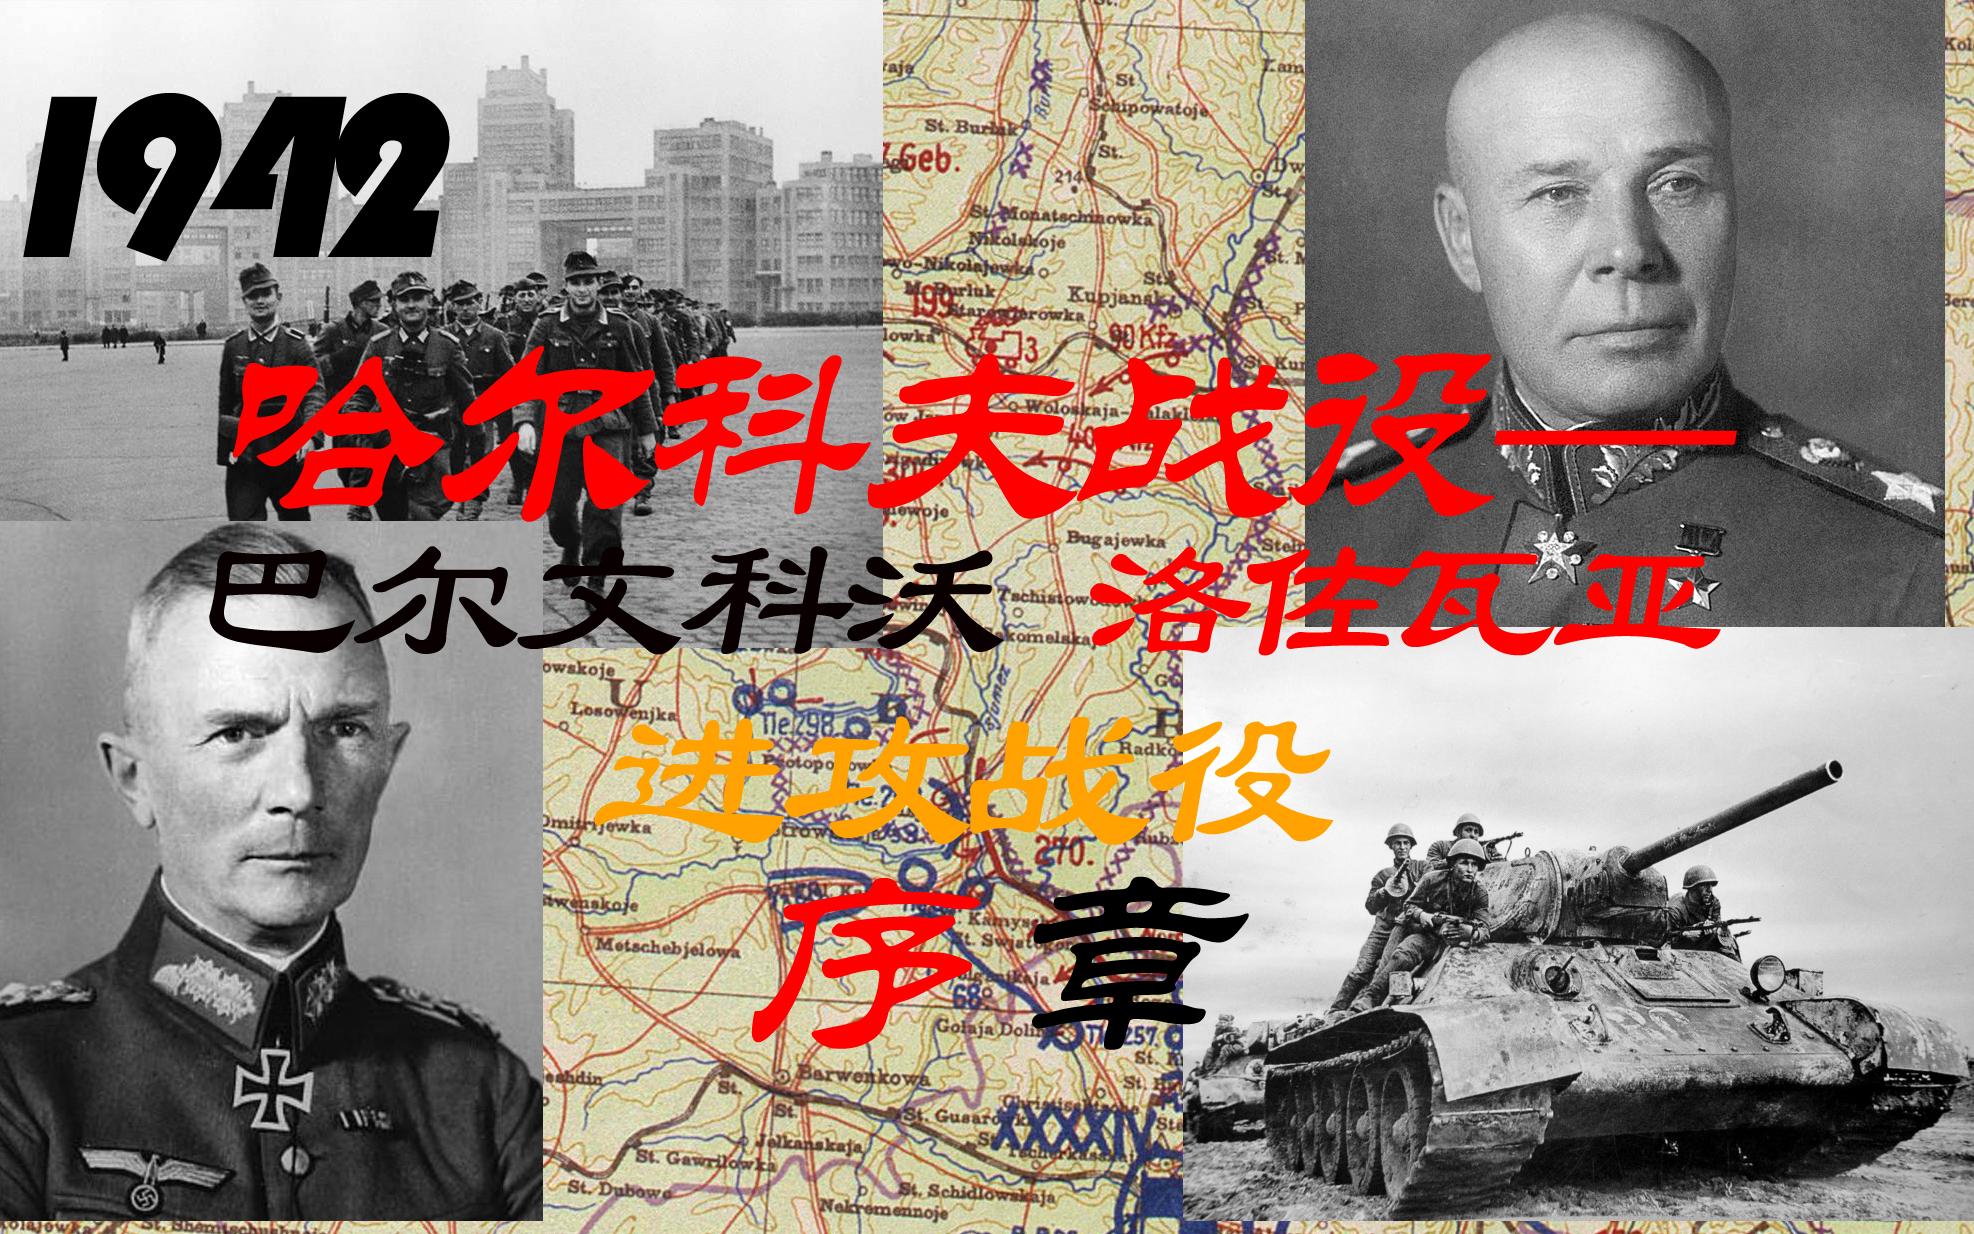 【鏖战东线】1942年哈尔科夫战役系列——巴尔文科沃—洛佐瓦亚进攻战役 第1章